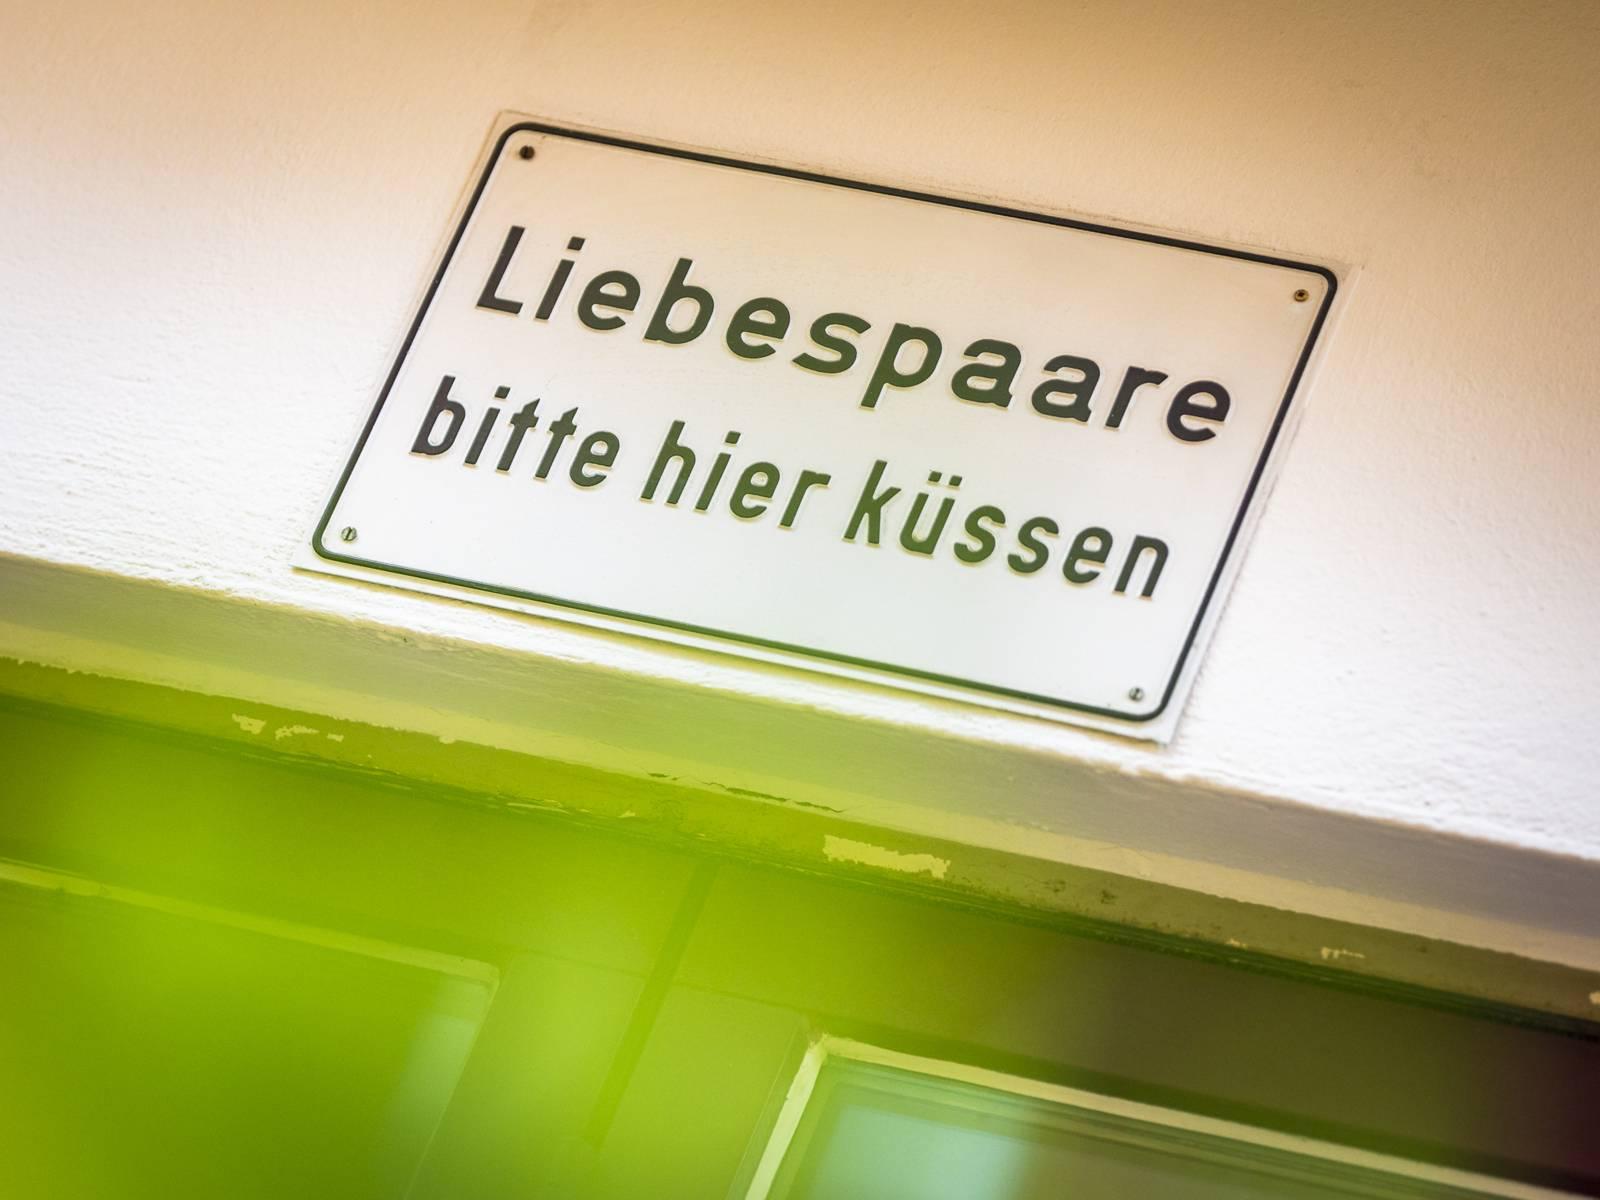 Vera Burmester   Liebespaare bitte hier küssen